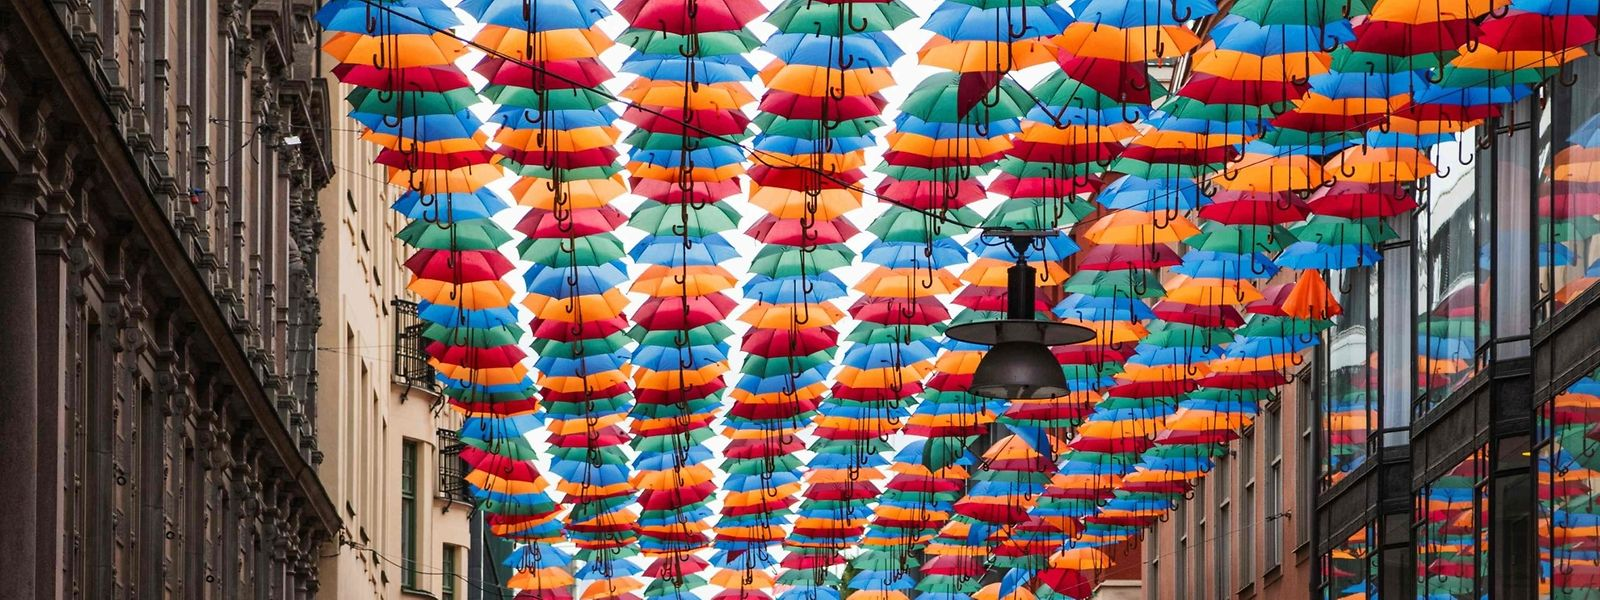 O Umbrella Sky Project em Estocolmo